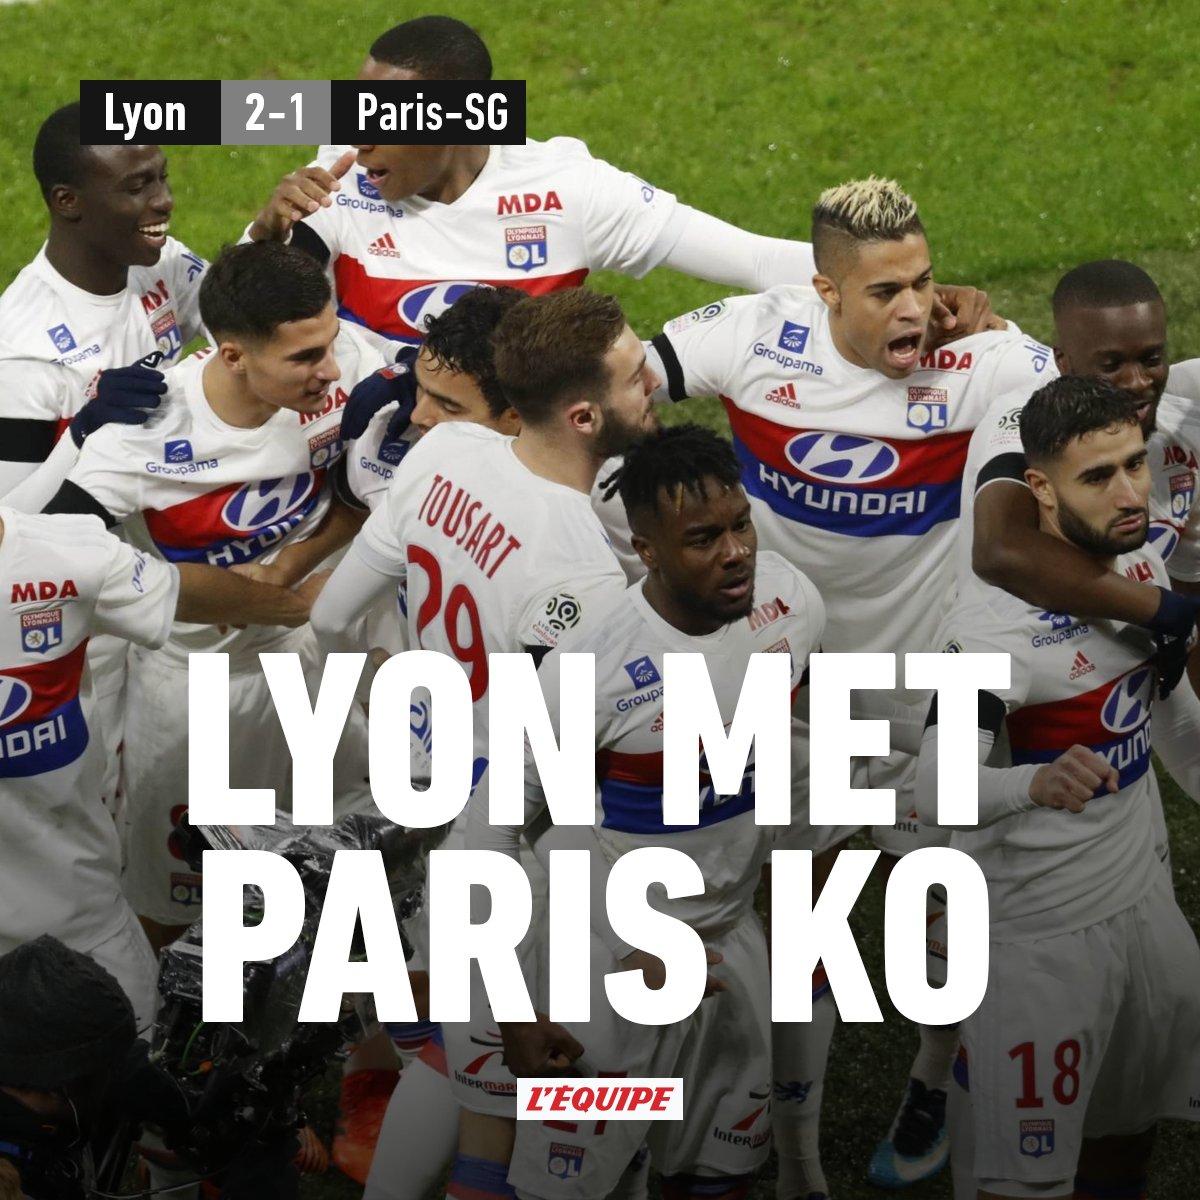 Sans Neymar ni Mbappé, le PSG perd à Lyon, qui reprend la deuxième place ow.ly/u2vH30hUyvn